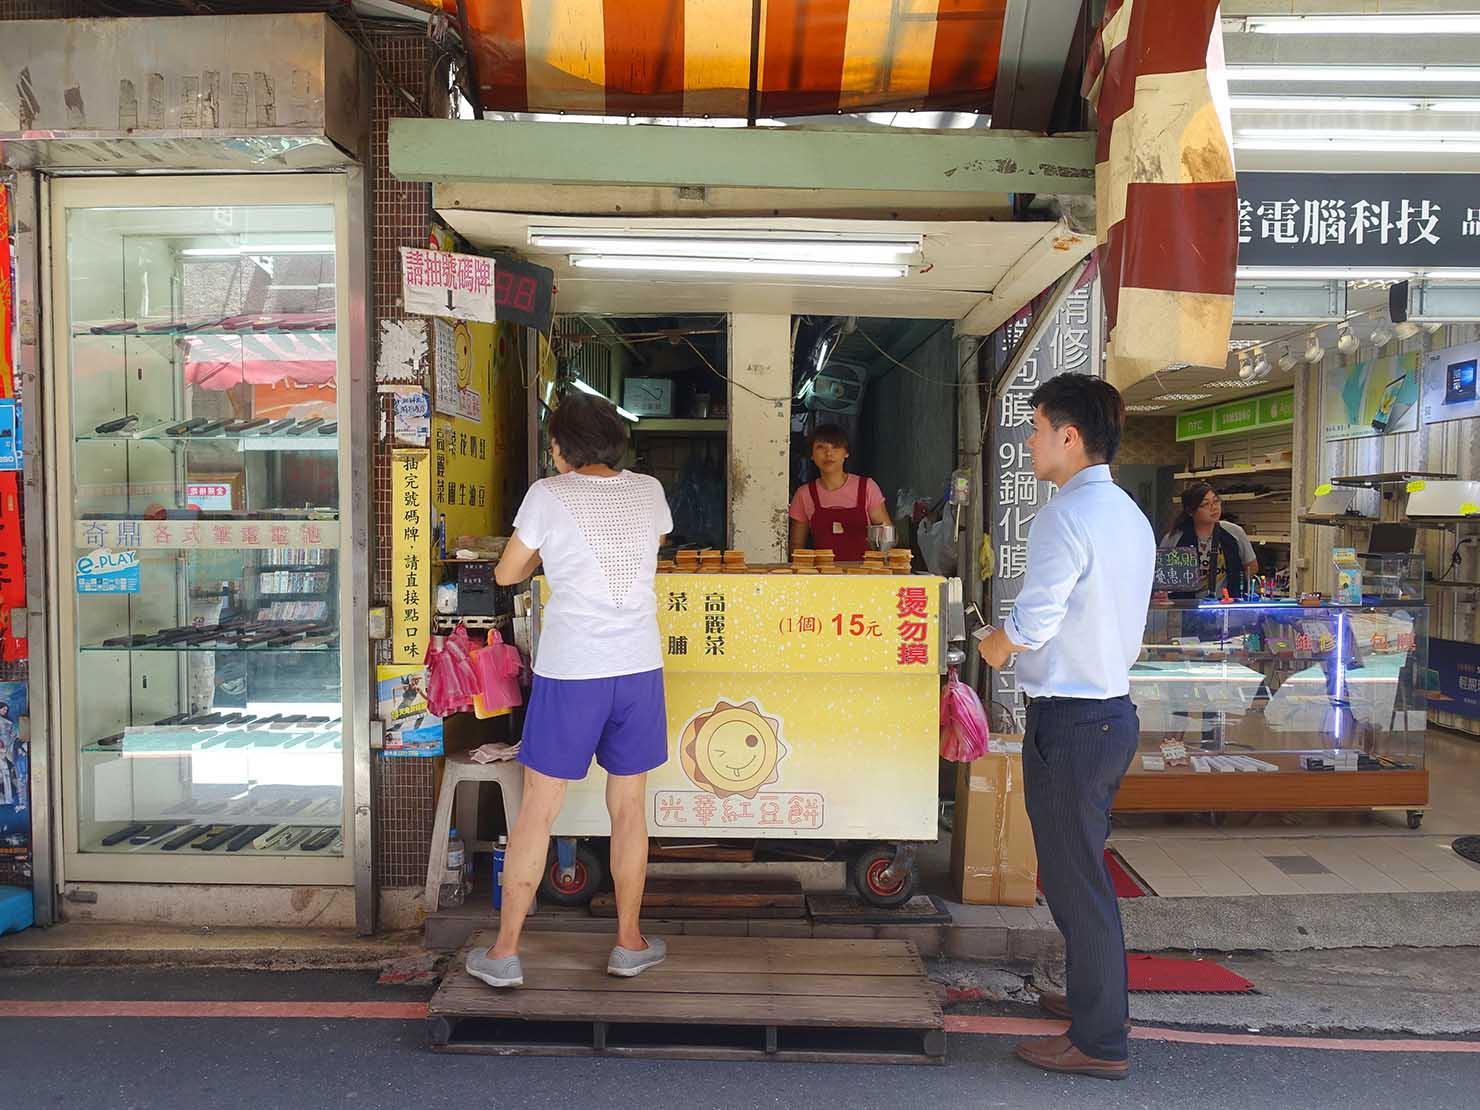 台北・忠孝新生駅周辺のおすすめグルメ店「光華紅豆餅」の外観